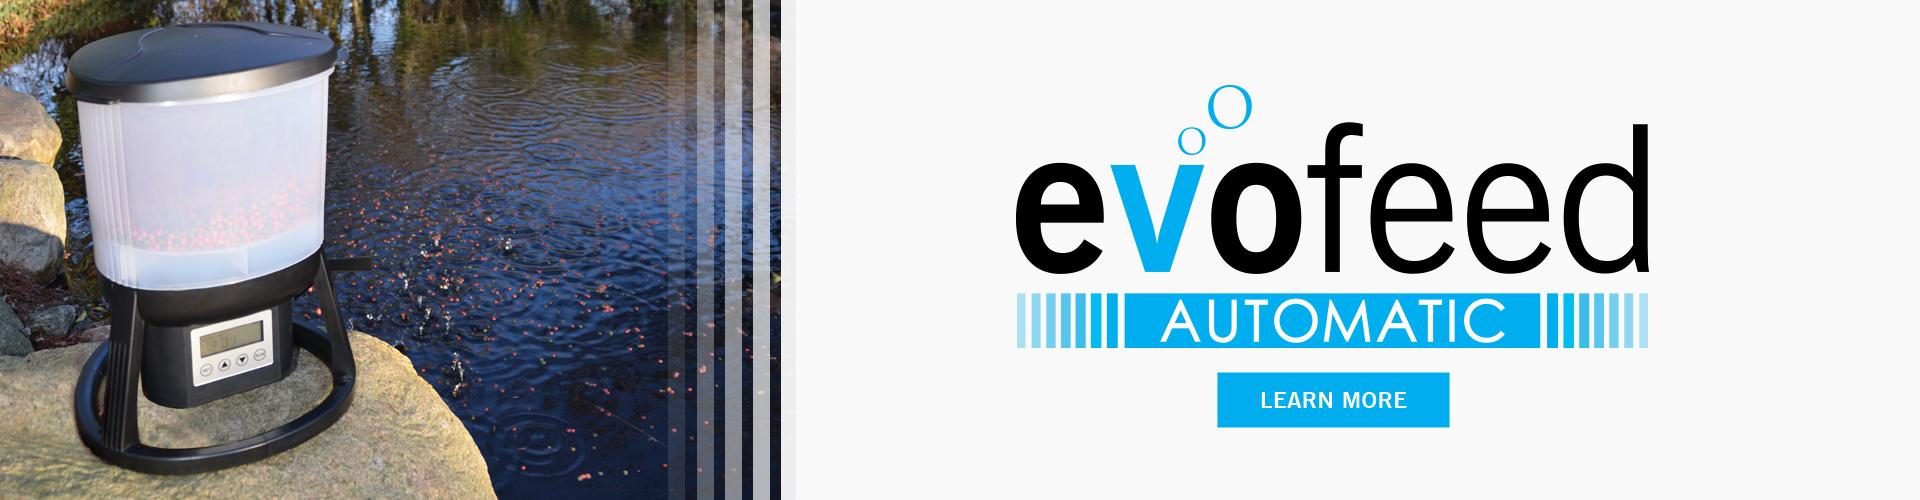 EvoFeed